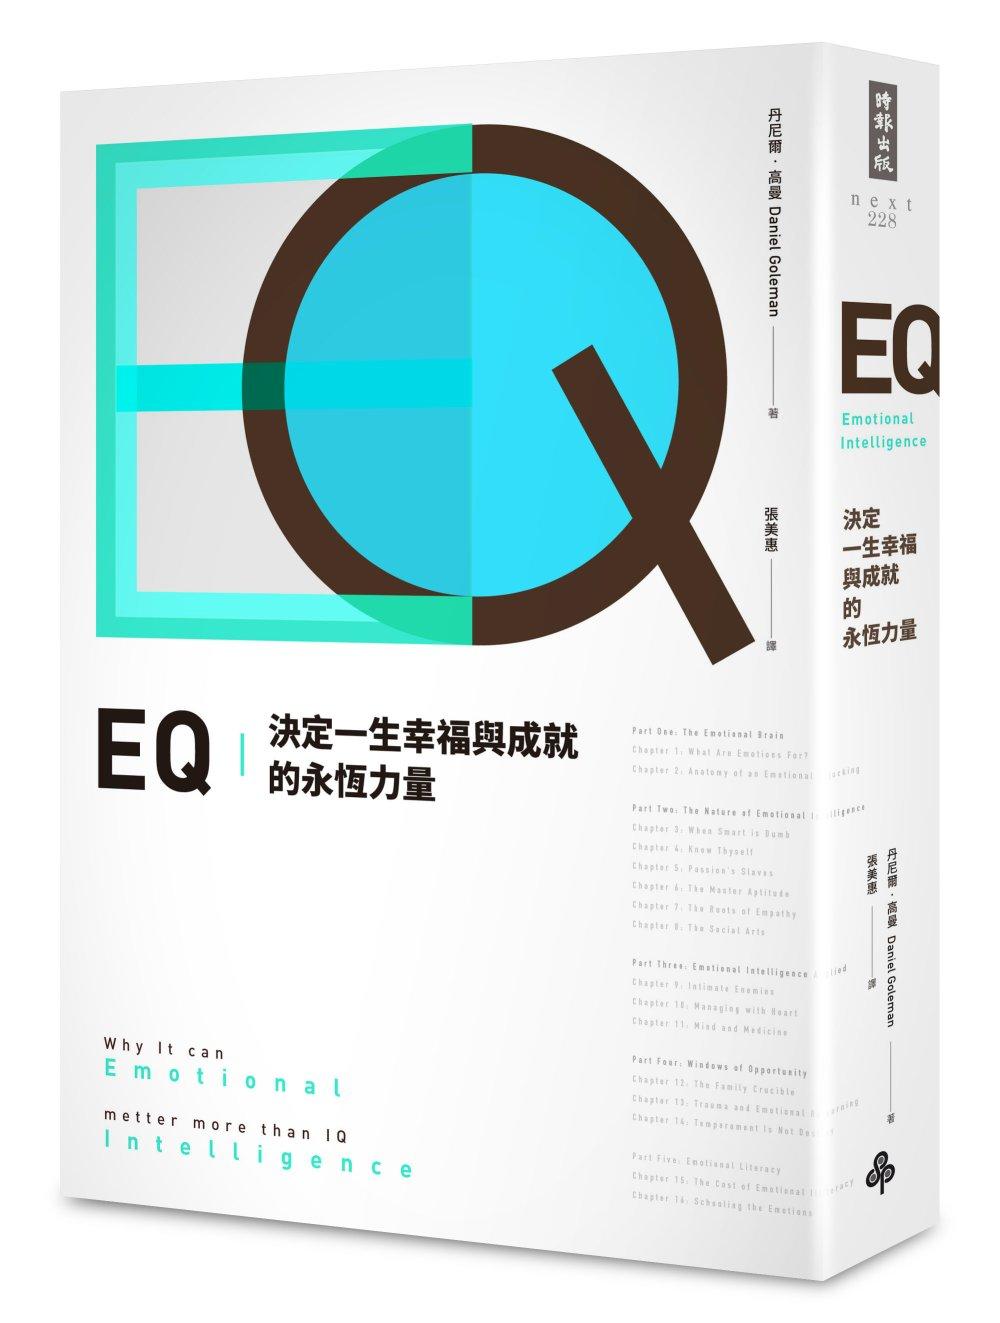 EQ:決定一生幸福與成就的永恆力量〔全球暢銷20週年.典藏紀念版〕